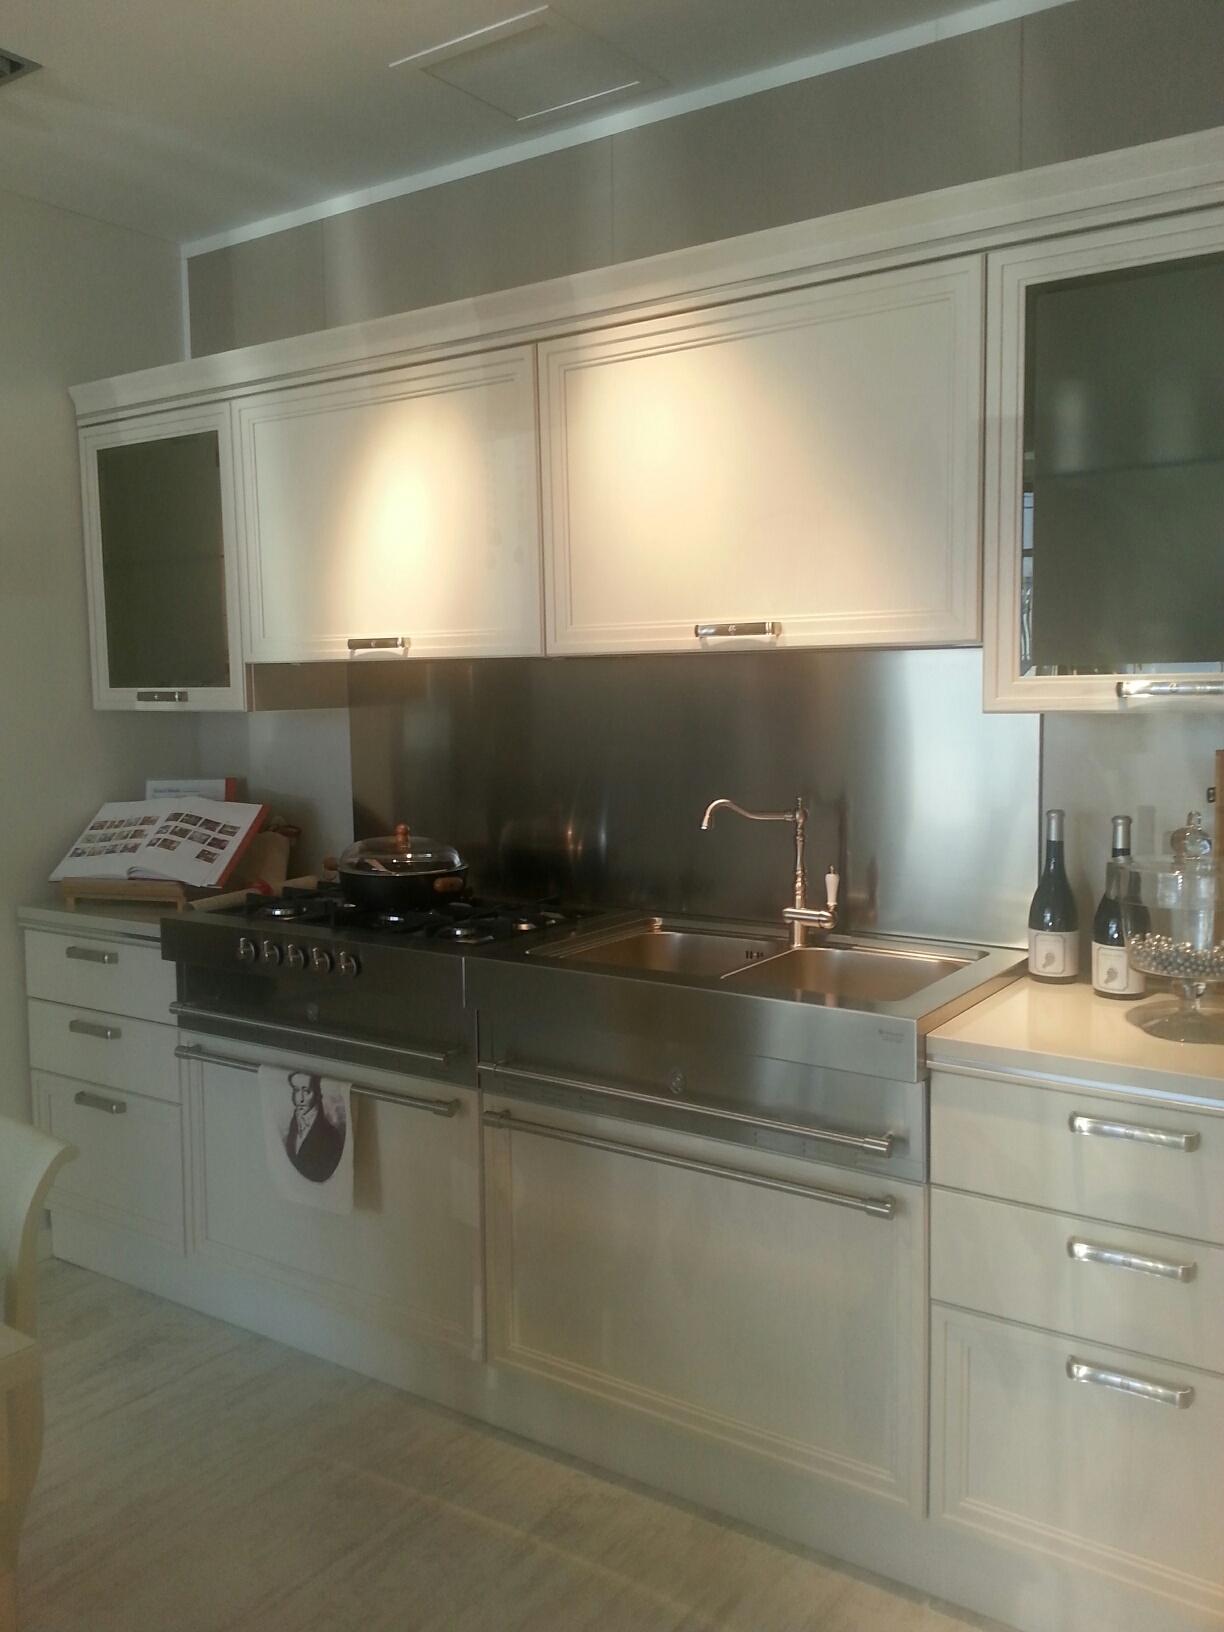 Okite costo gallery of promozione gustosa in cucina with for Costo cucina scavolini